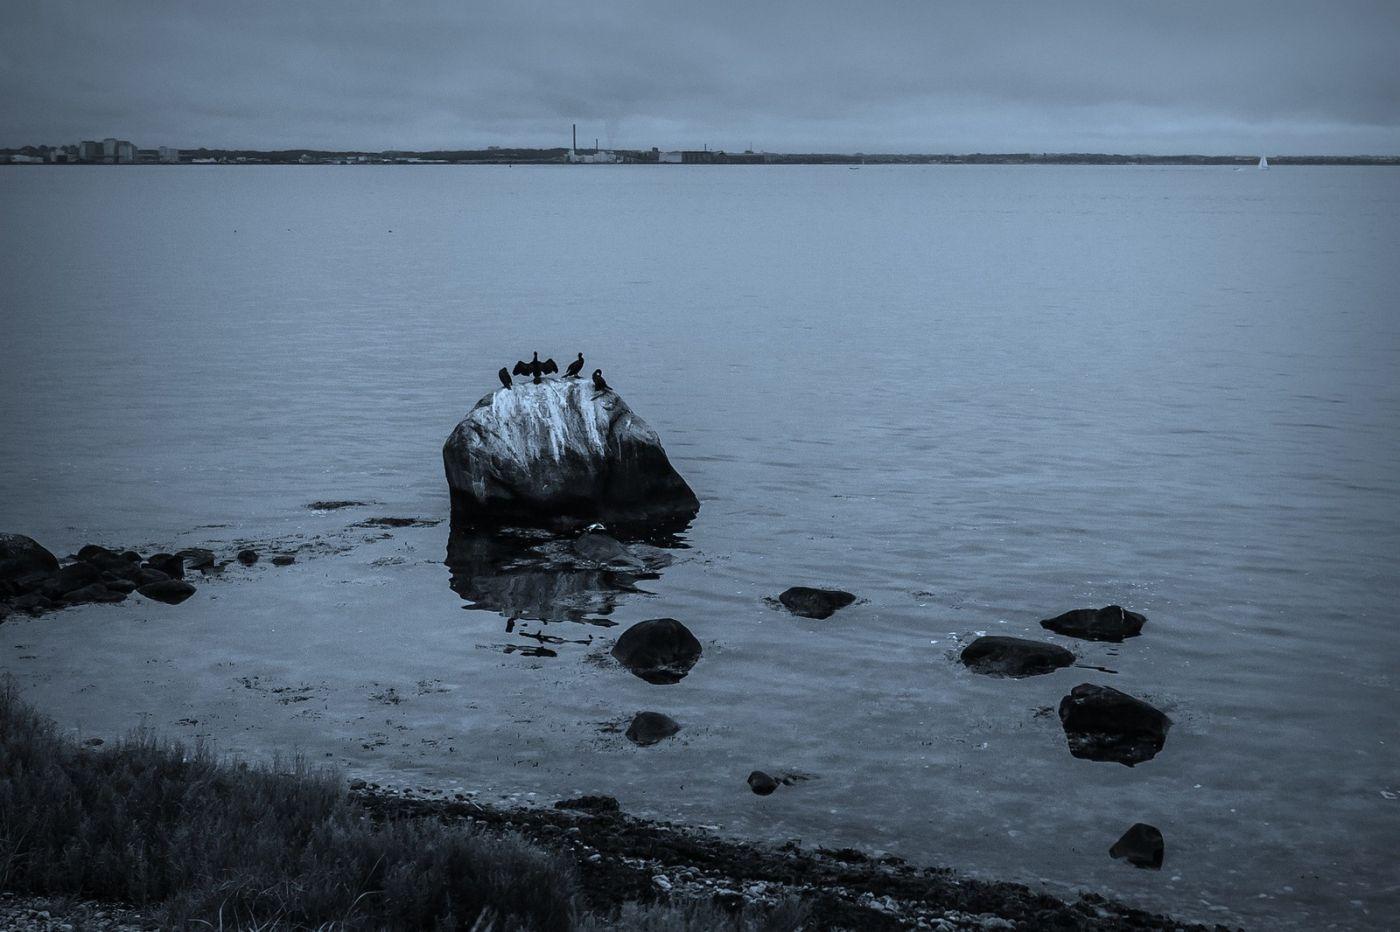 丹麦哥本哈根,坐船看市景_图1-32